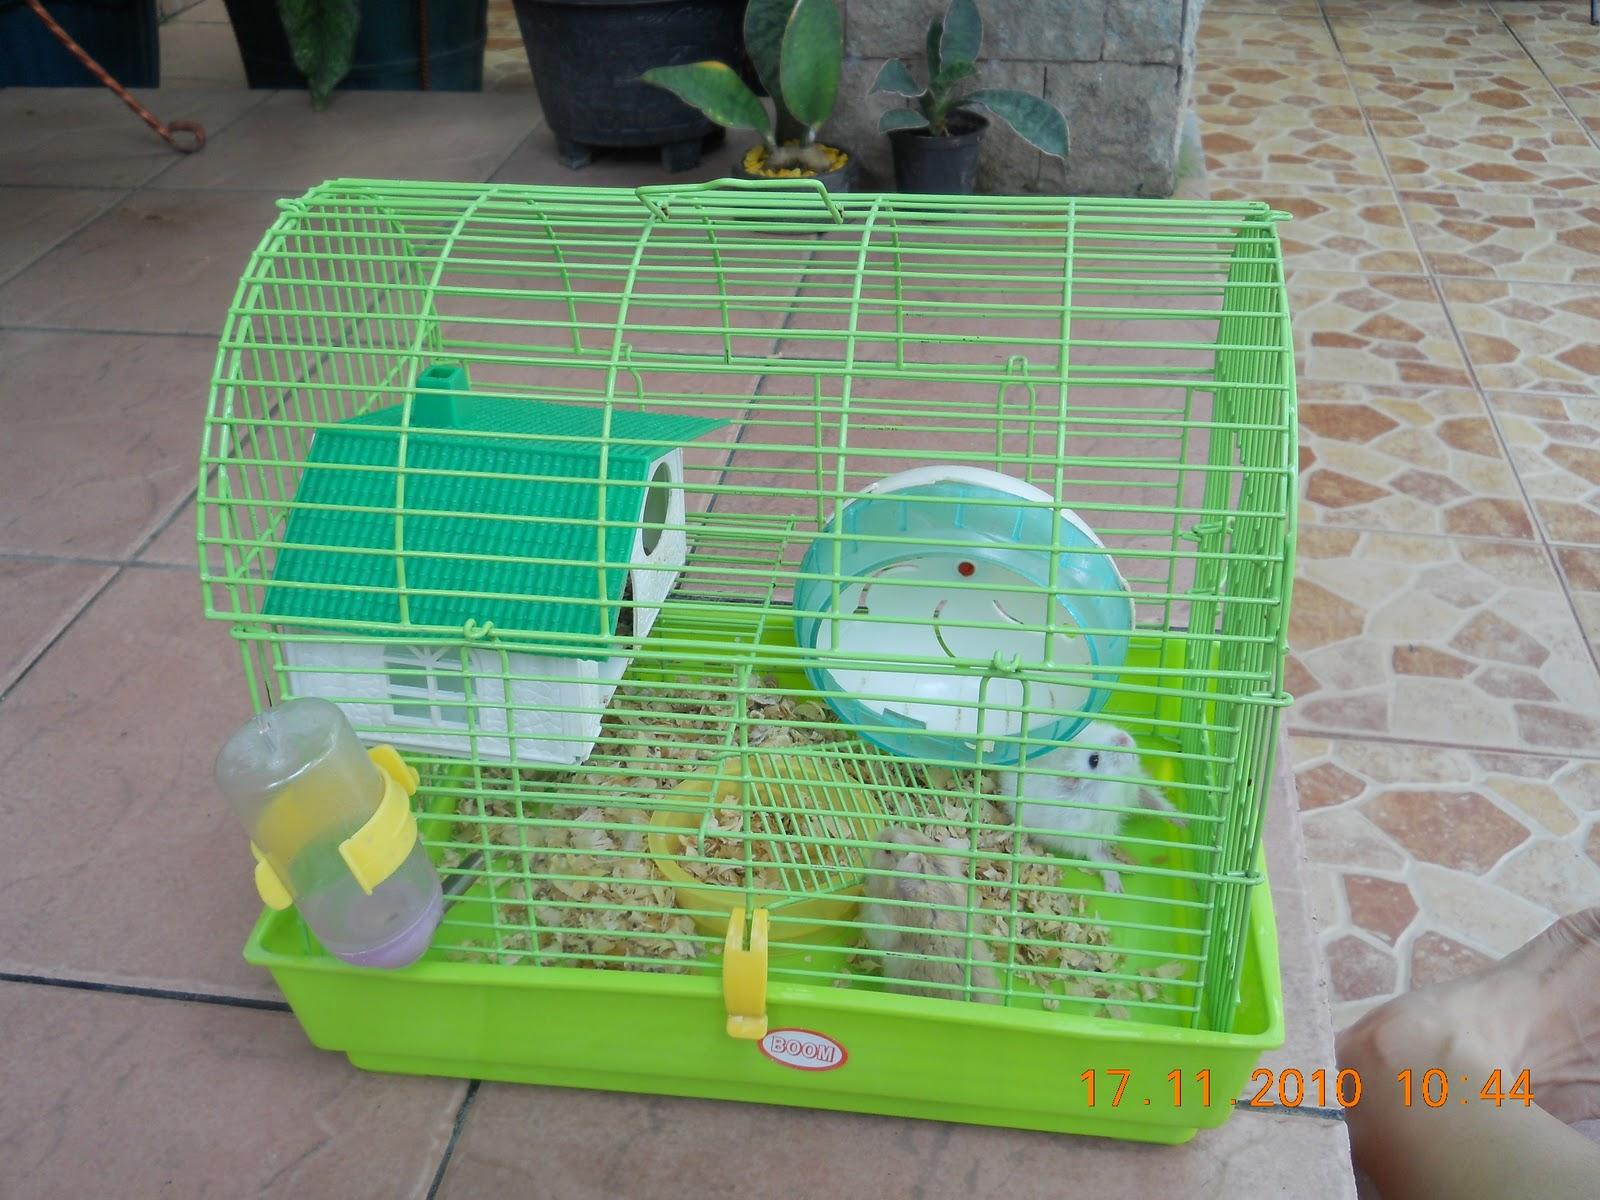 Graha Kelinci Toko Perlengkapan Hamster Tempat Makan 500ml Kandang Besar